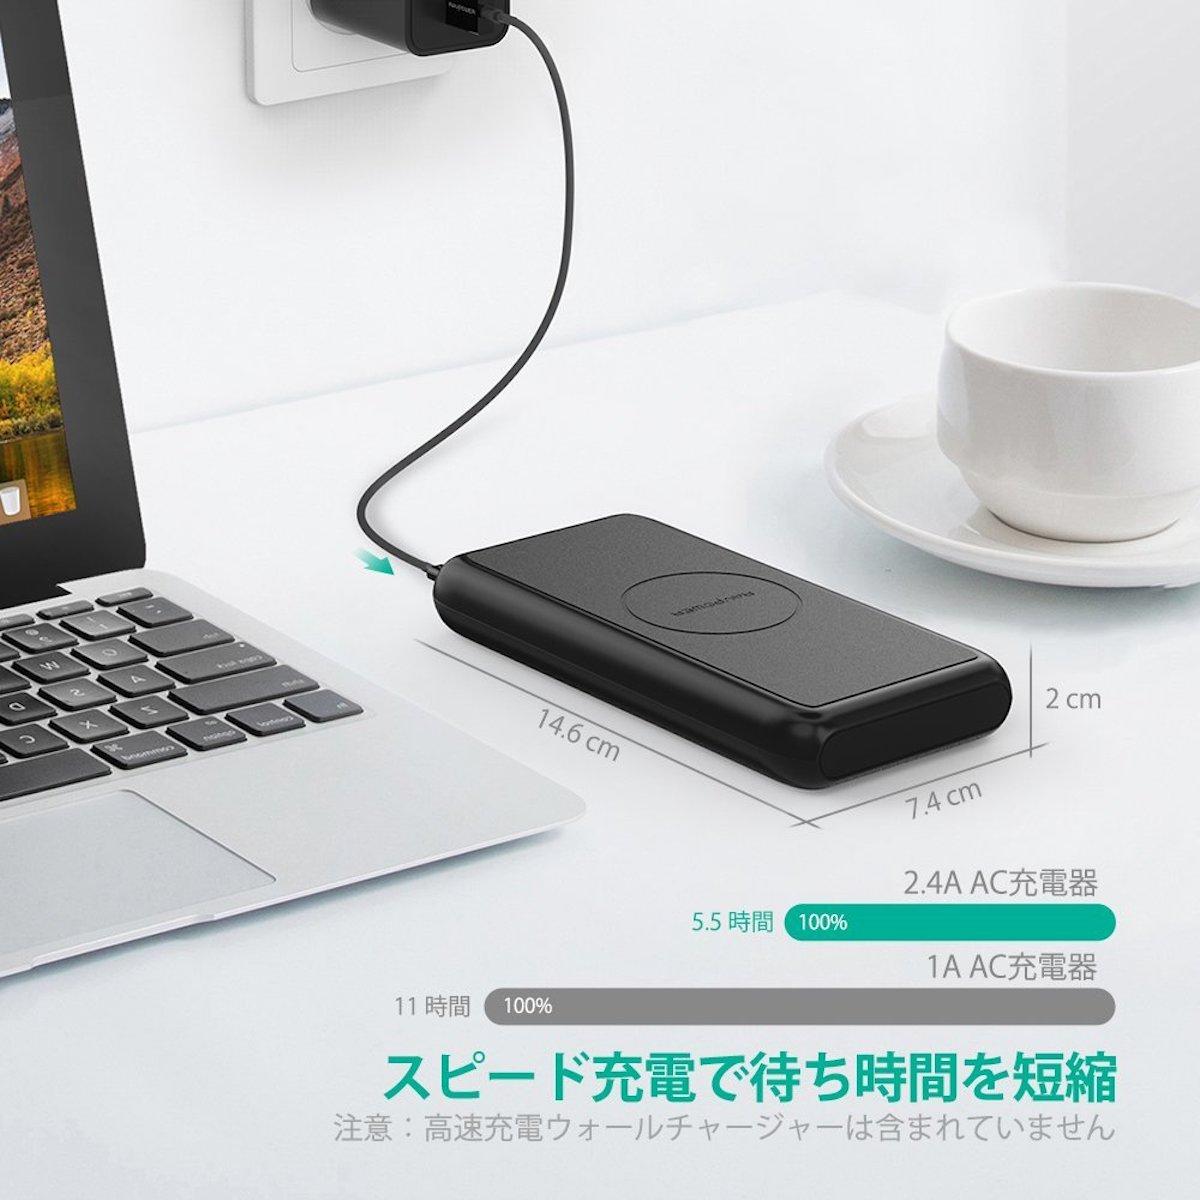 RAVPower モバイルバッテリー「RP-PB081」